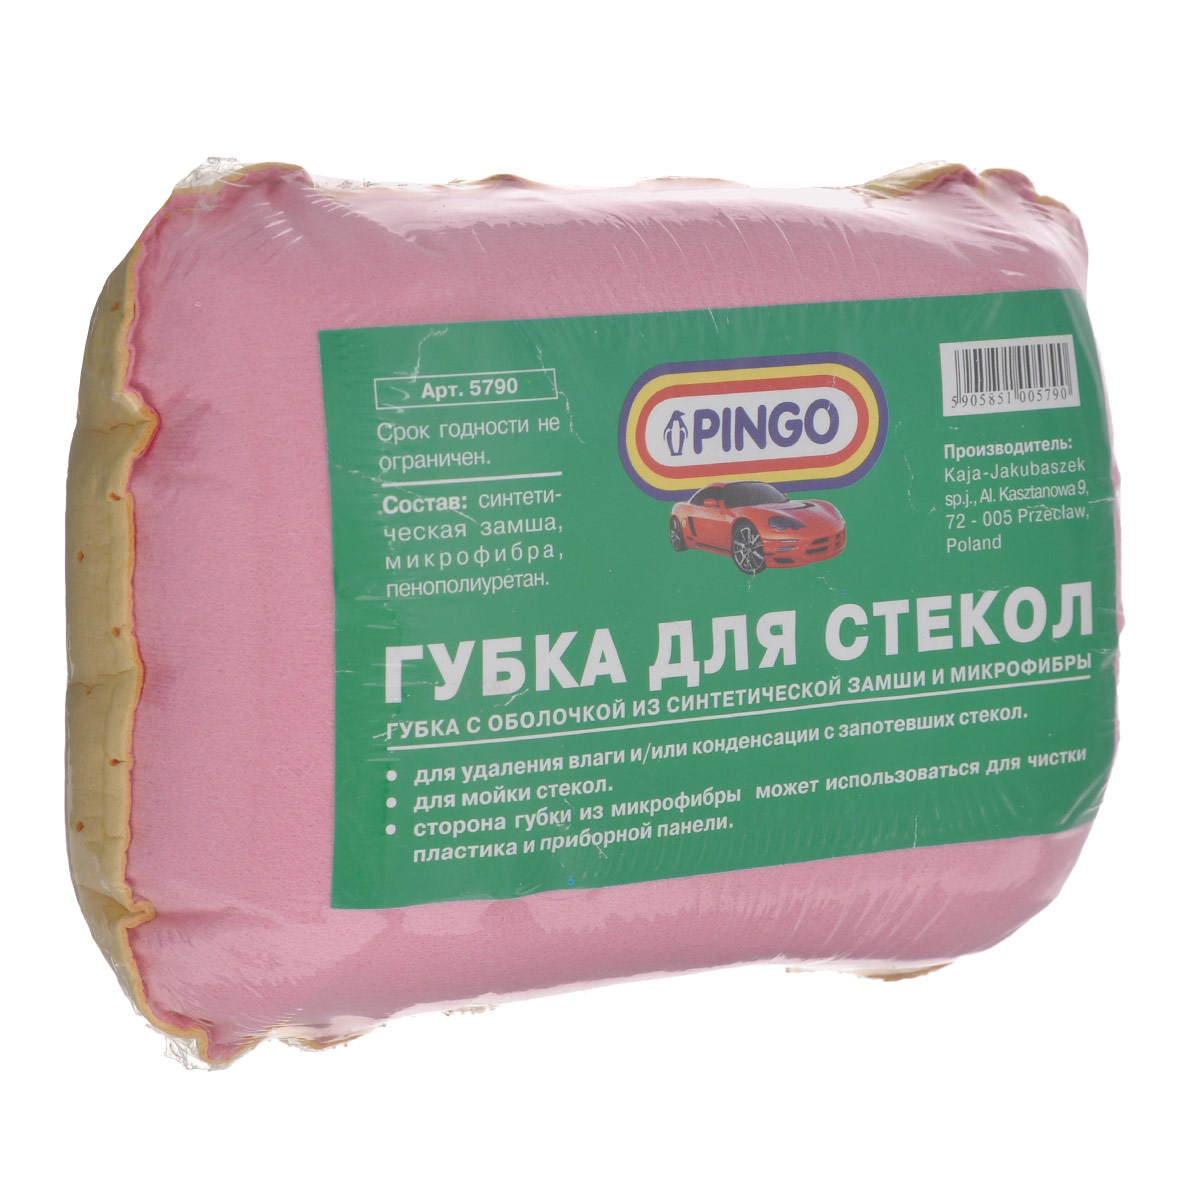 Губка для стекол Pingo, цвет: розовый, желтыйES-414Губка для стекол Pingo изготовлена из пенополиуретана с оболочкой из синтетической замши и микрофибры. Губка предназначена для удаления влаги или конденсации с запотевших стекол, для мойки стекол. Сторона губки из микрофибры может использоваться для чистки пластика и приборной панели.